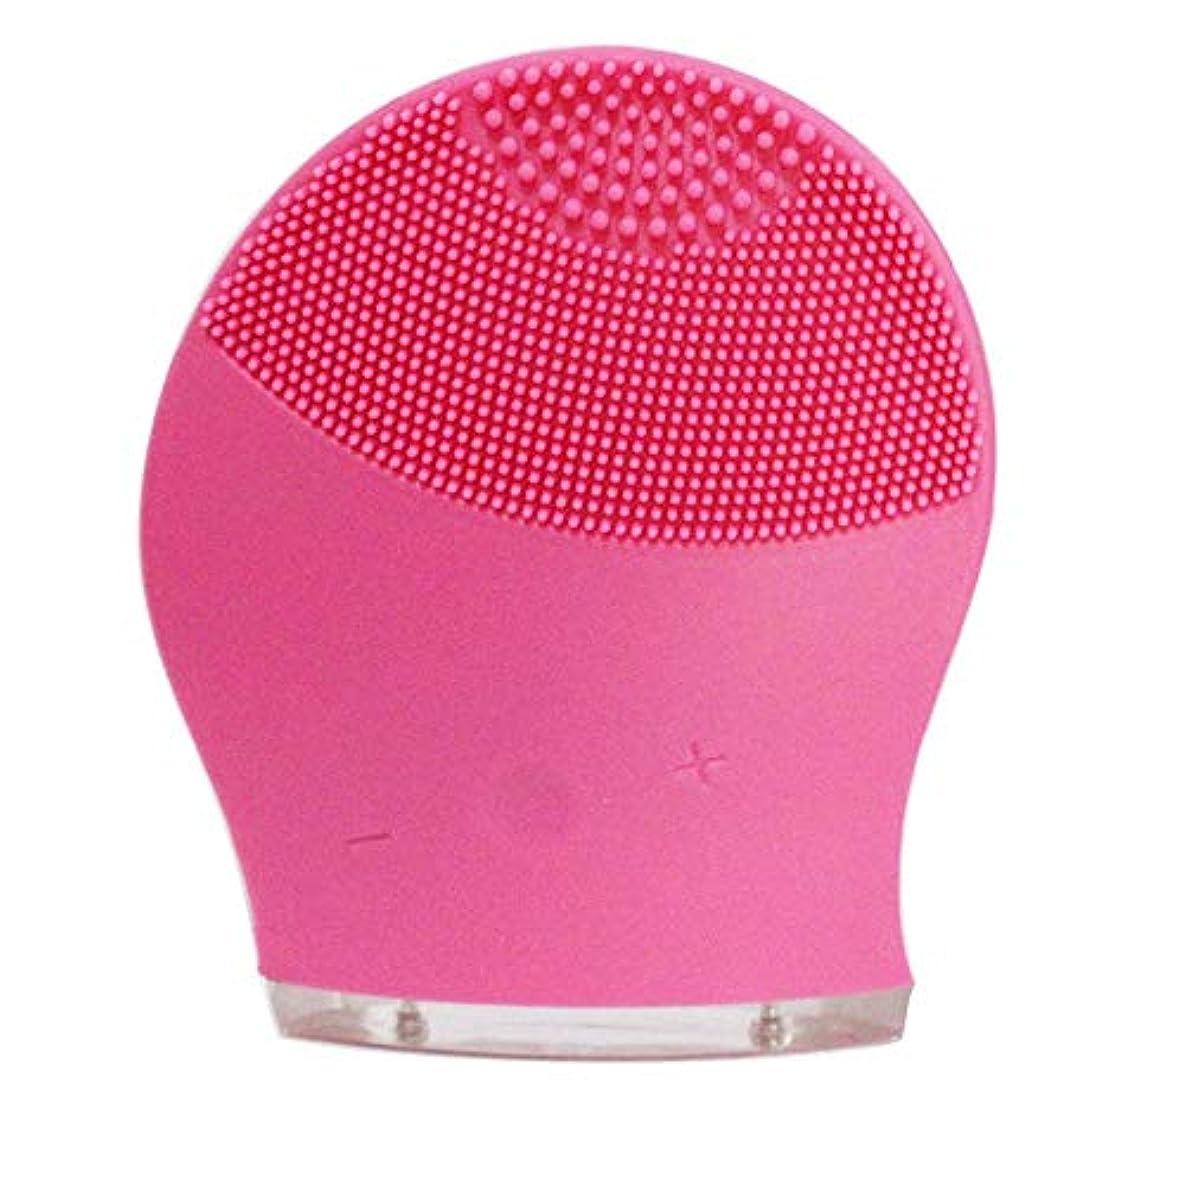 トークンギャザーミリメートルZXF 新電気洗浄器シリコーン洗浄器超音波振動洗浄ブラシUSB充電毛穴洗浄 滑らかである (色 : Red)